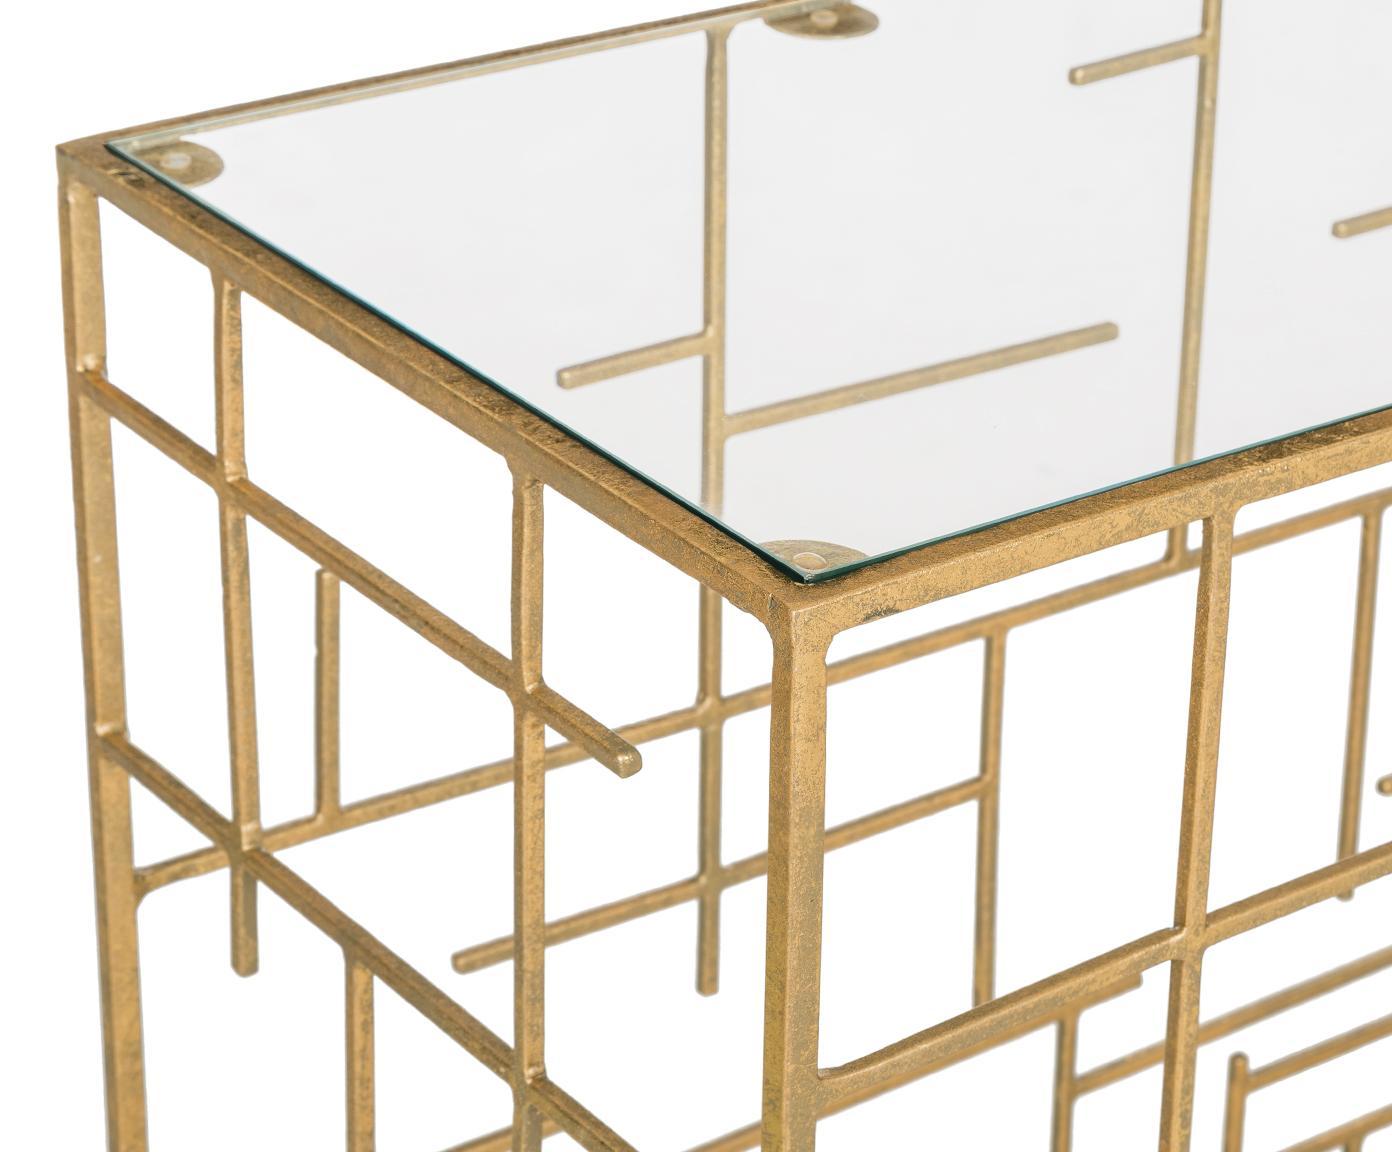 Sidetable Nola van glas en goudkleurig metaal, Tafelblad: glas, Frame: gecoat metaal, Goudkleurig, 120 x 80 cm